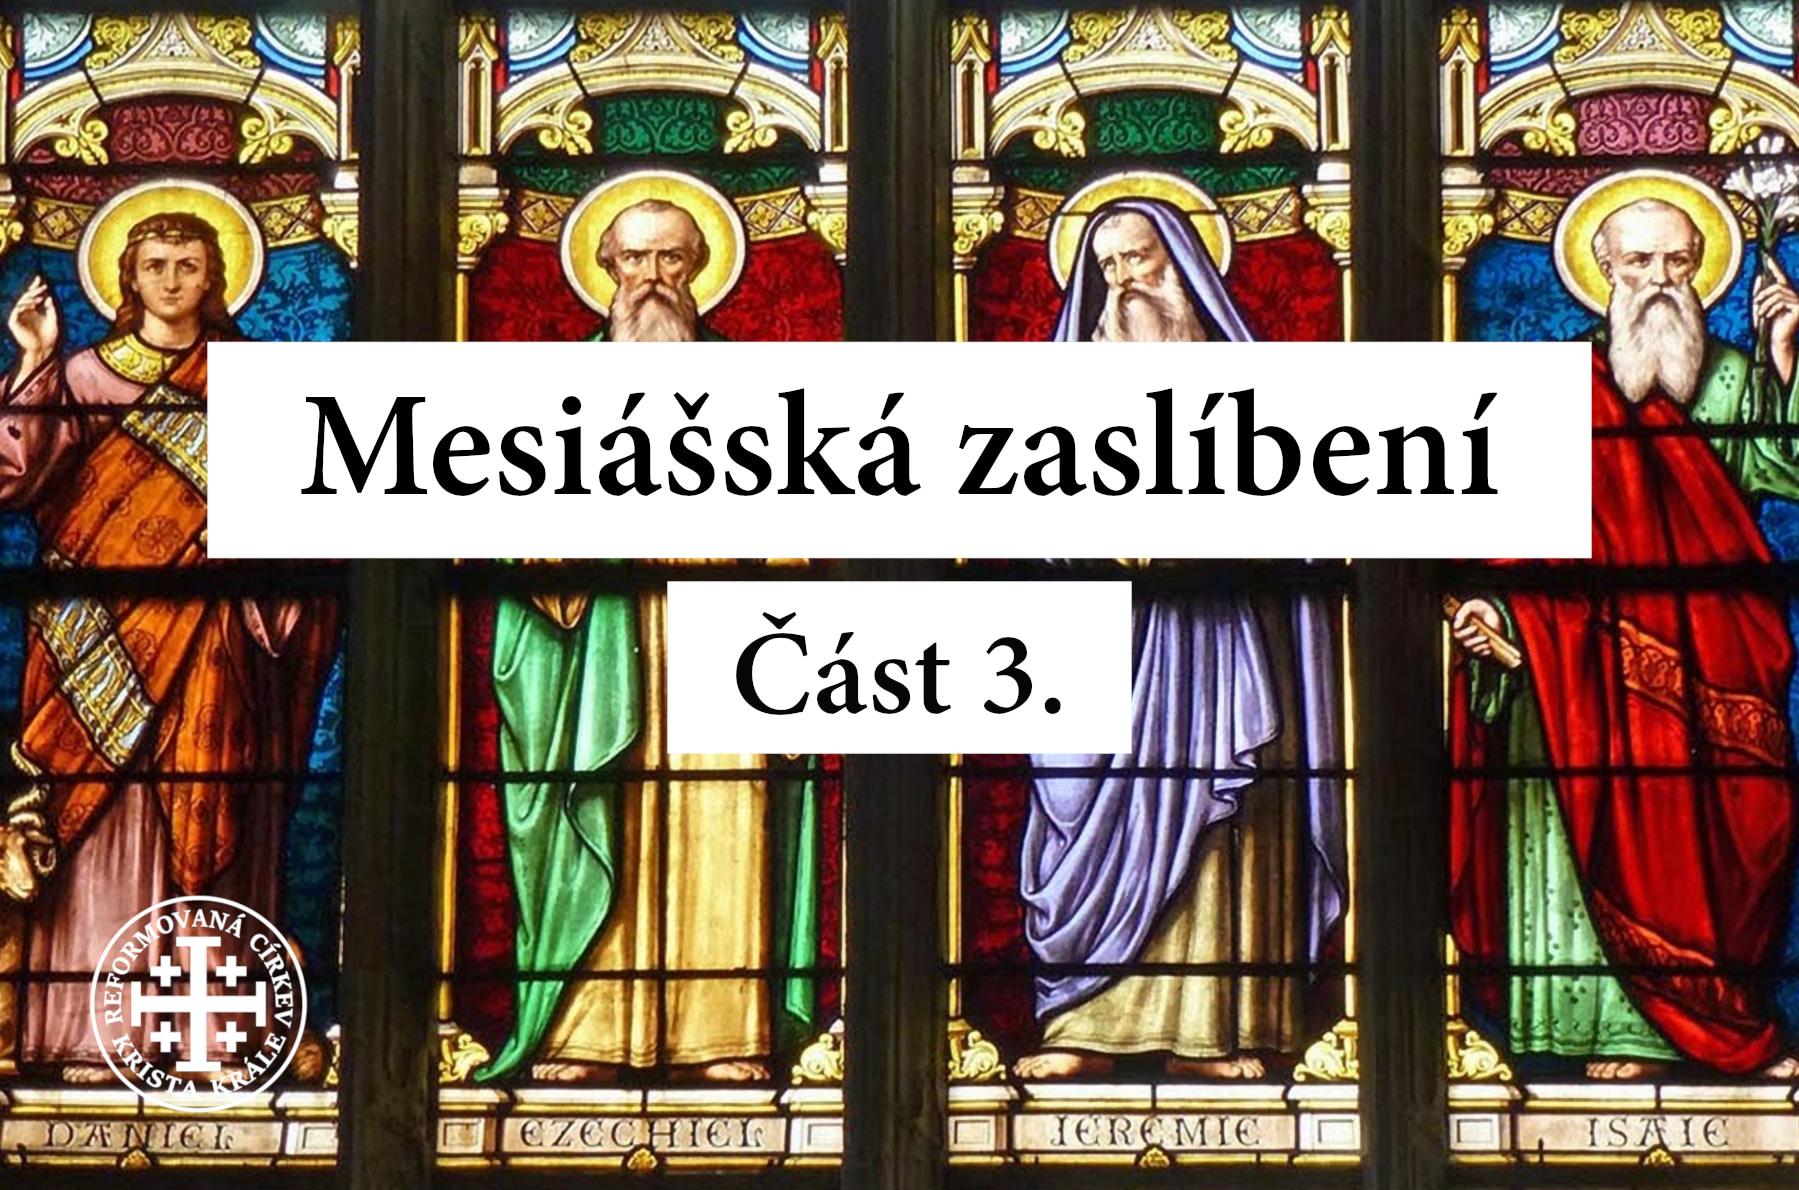 Mesiášská zaslíbení (Část 3.)